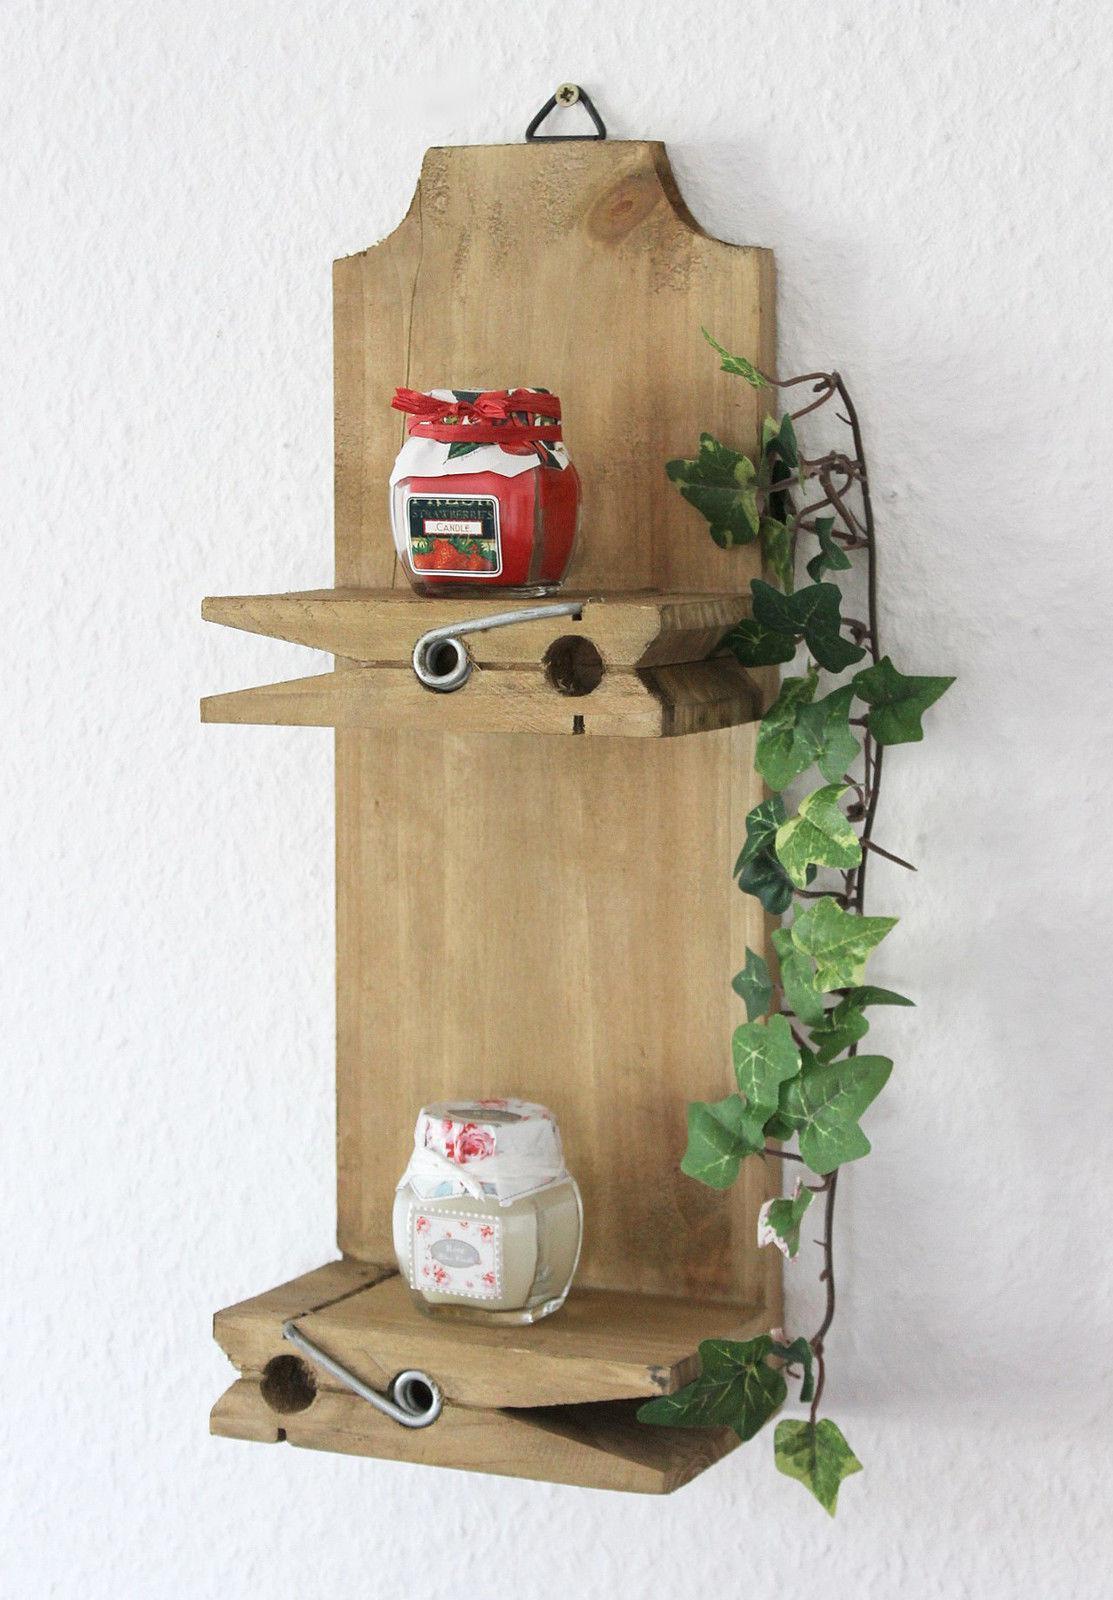 Dandibo Flower Stool 140128 Flower Stand 50 60 70 Cm Set Of 3